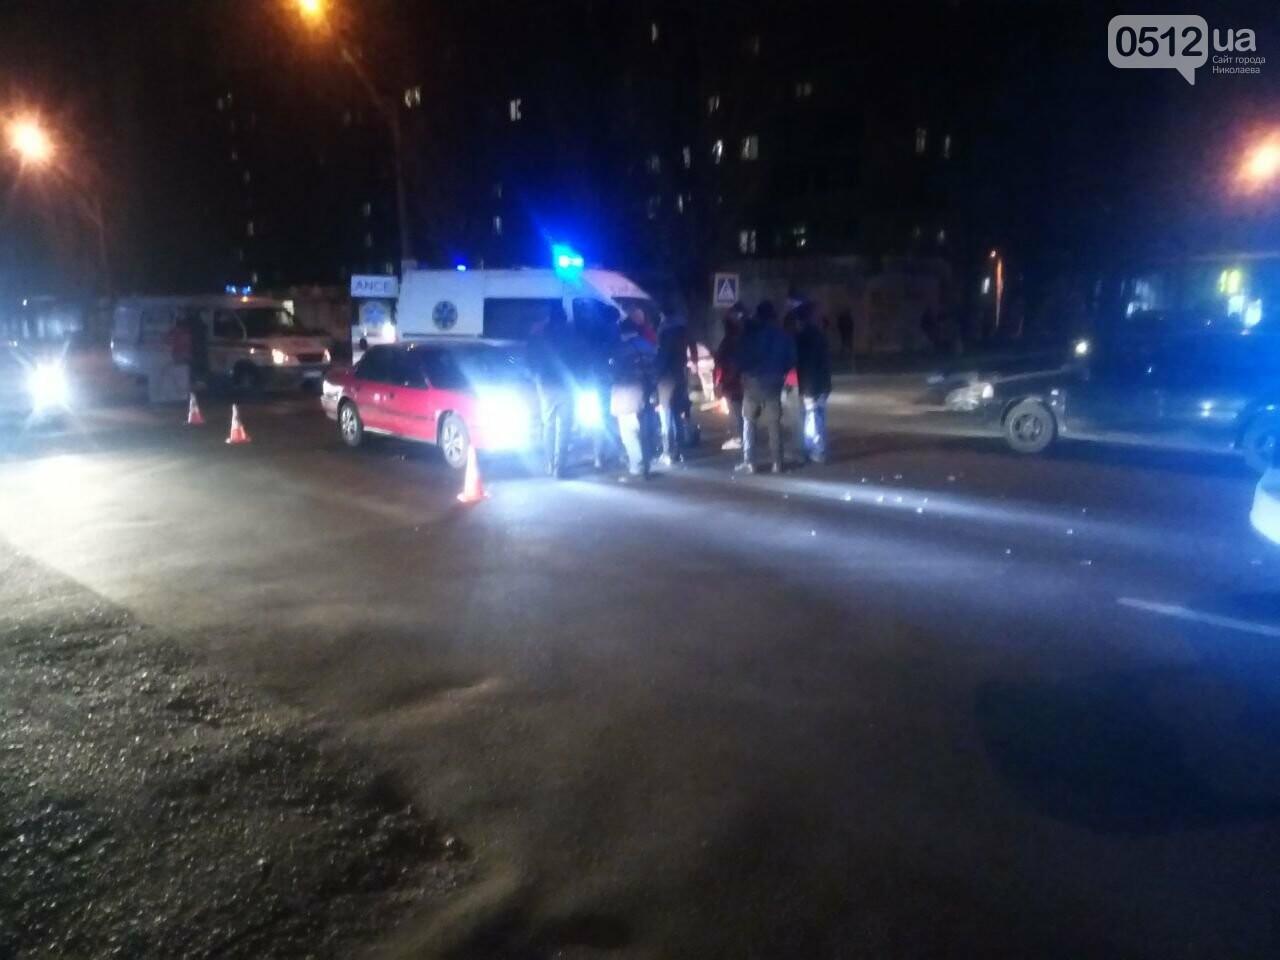 В Николаеве на Космонавтов иномарка сбила женщину, - ФОТО, фото-3